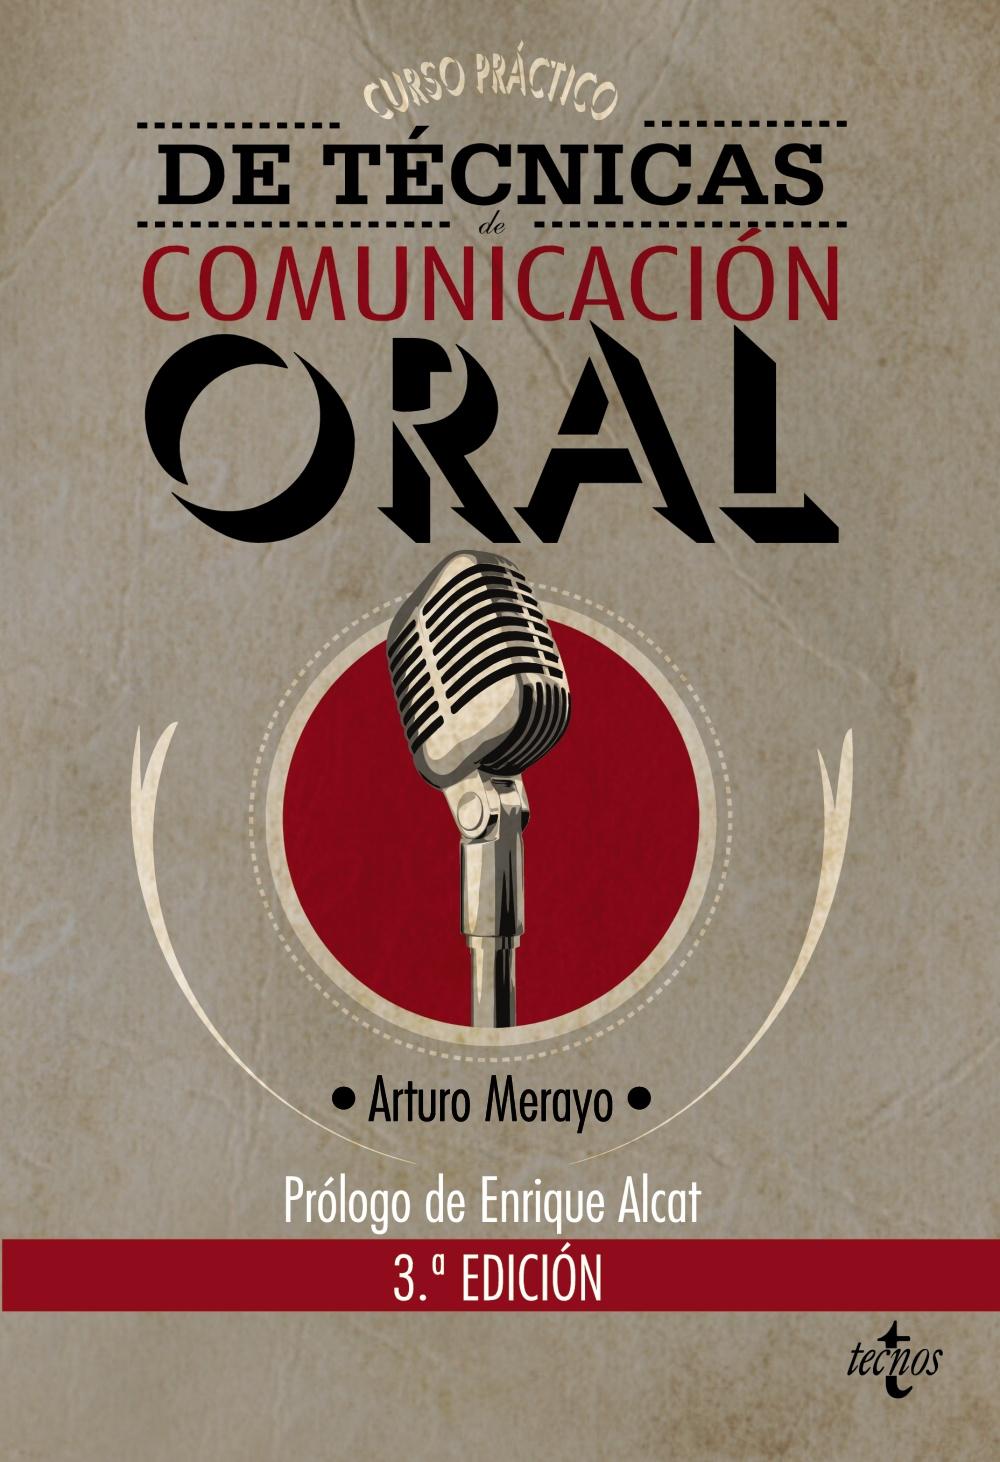 Curso Practico De Tecnicas De Comunicacion Oral (3ª Ed.) por Arturo Merayo